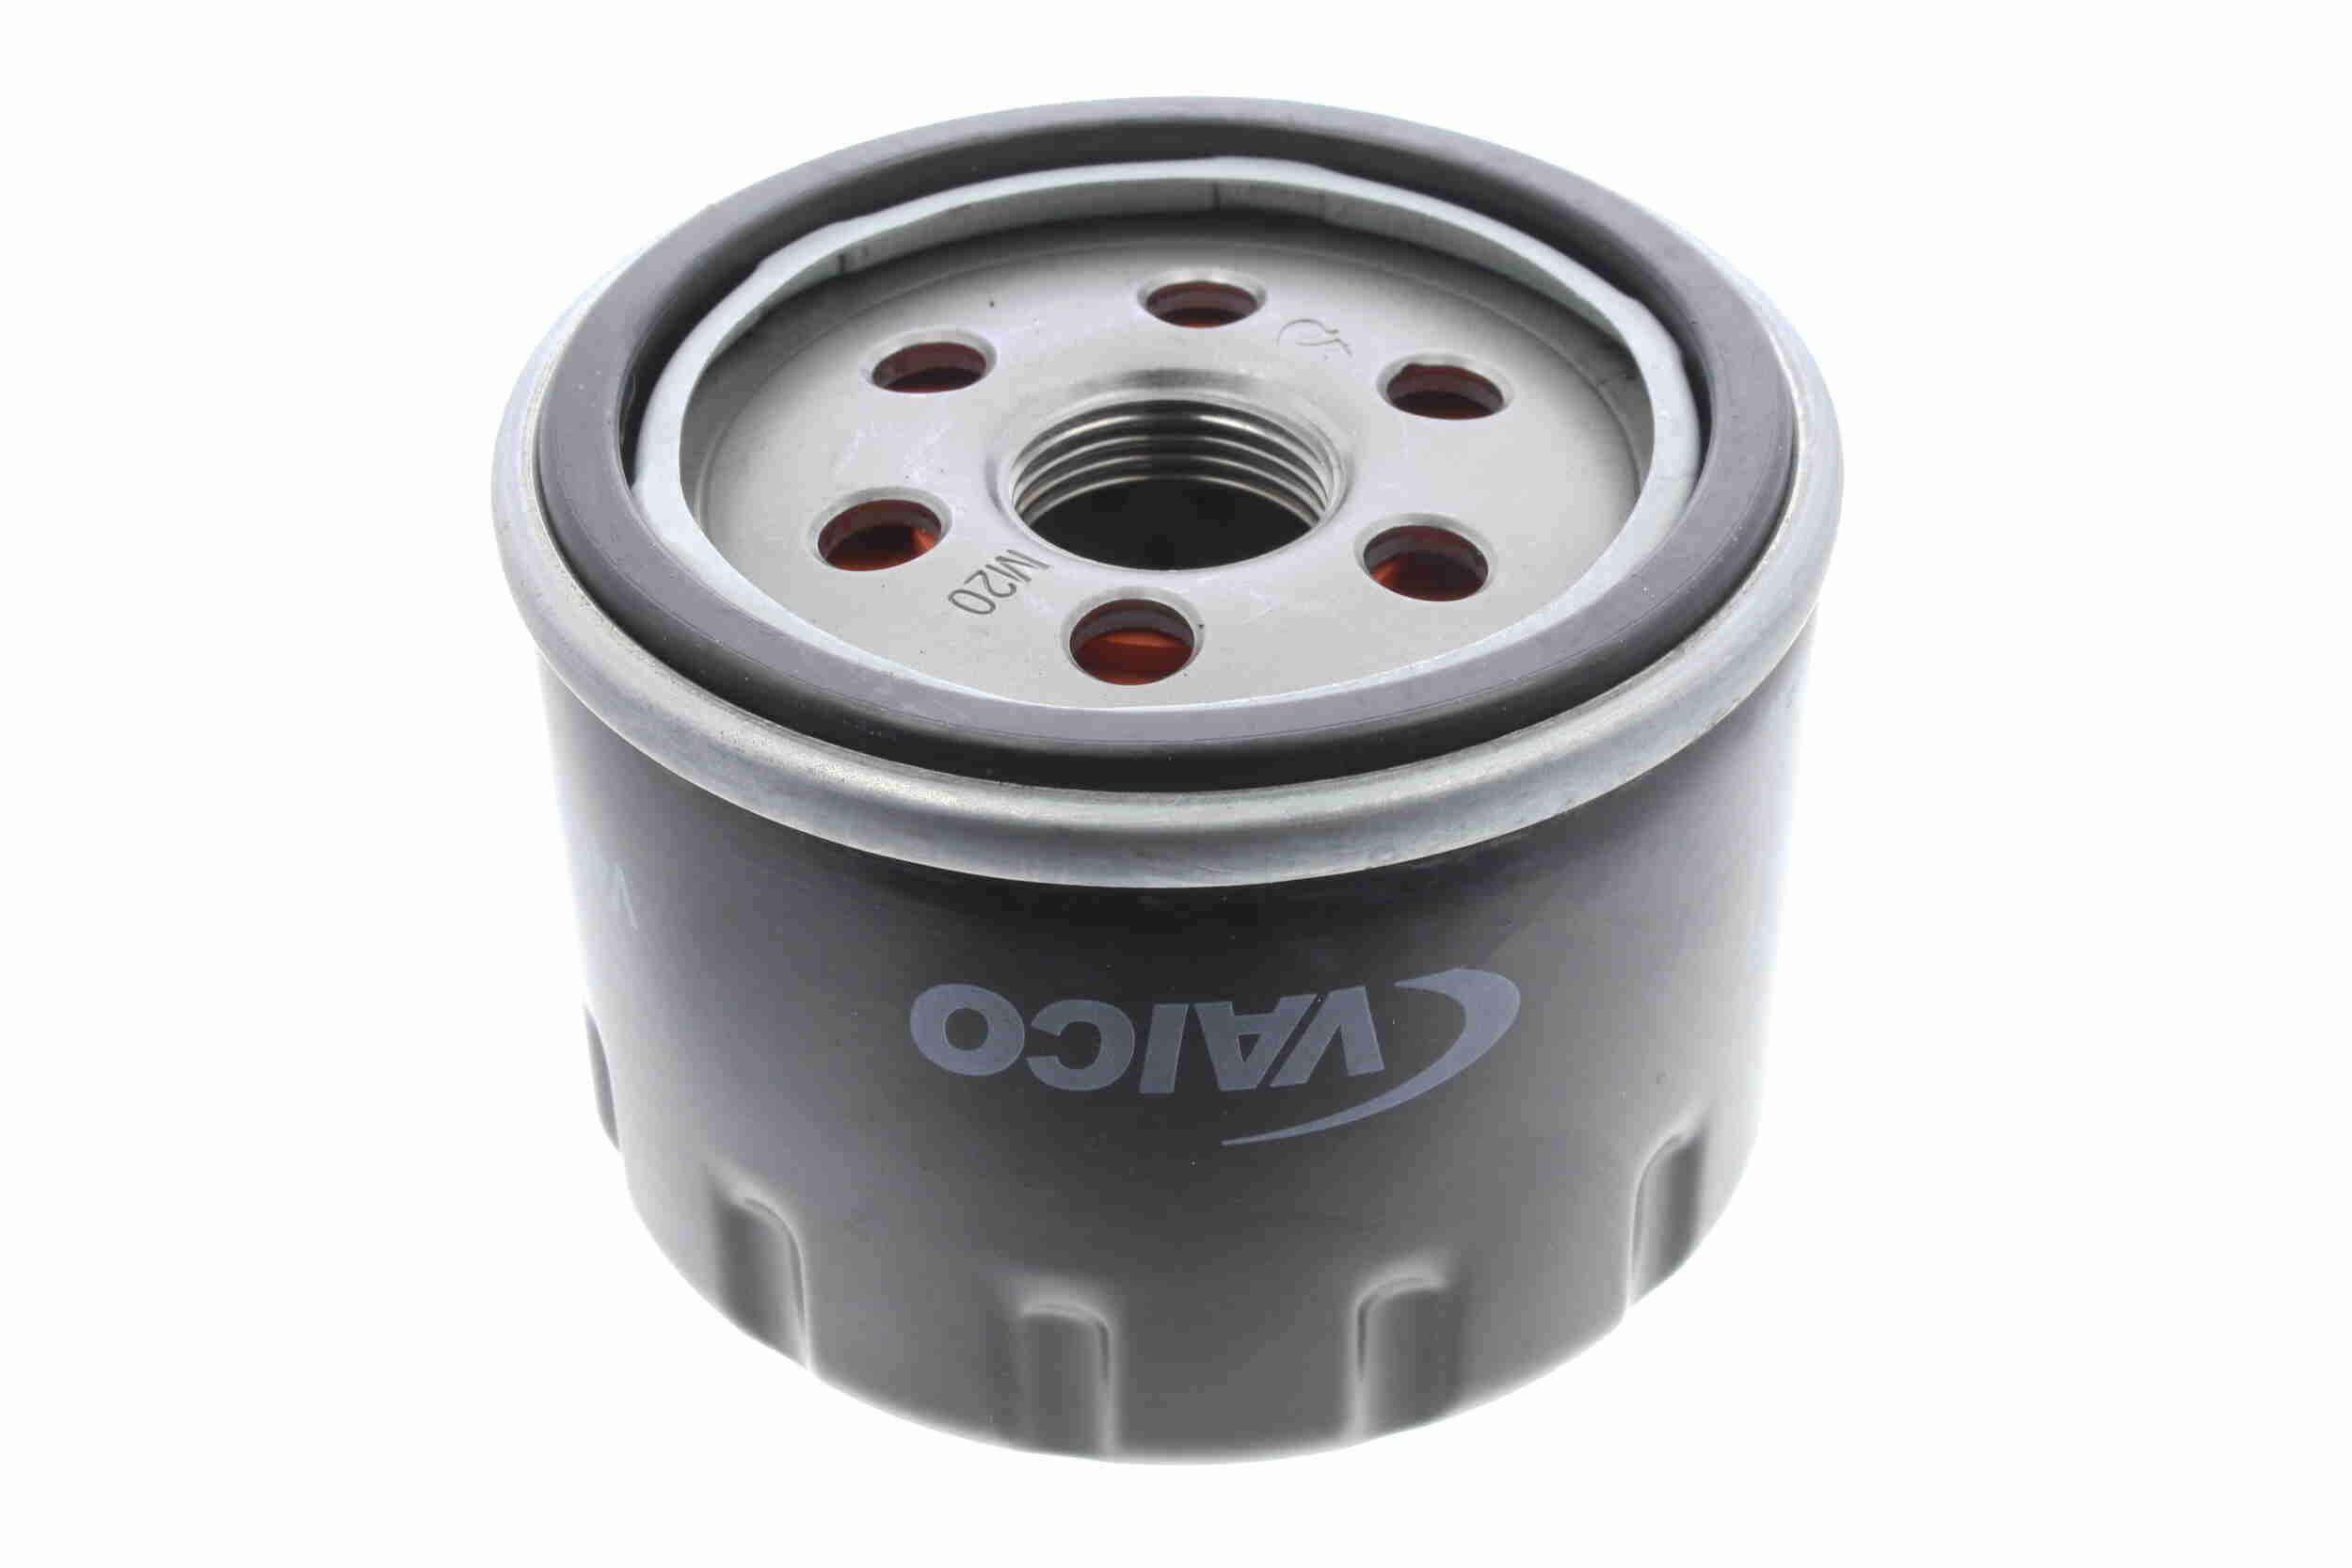 OPEL ARENA 1999 Ölfilter - Original VAICO V46-0083 Innendurchmesser 2: 62mm, Innendurchmesser 2: 71mm, Ø: 76mm, Ø: 77mm, Höhe: 50mm